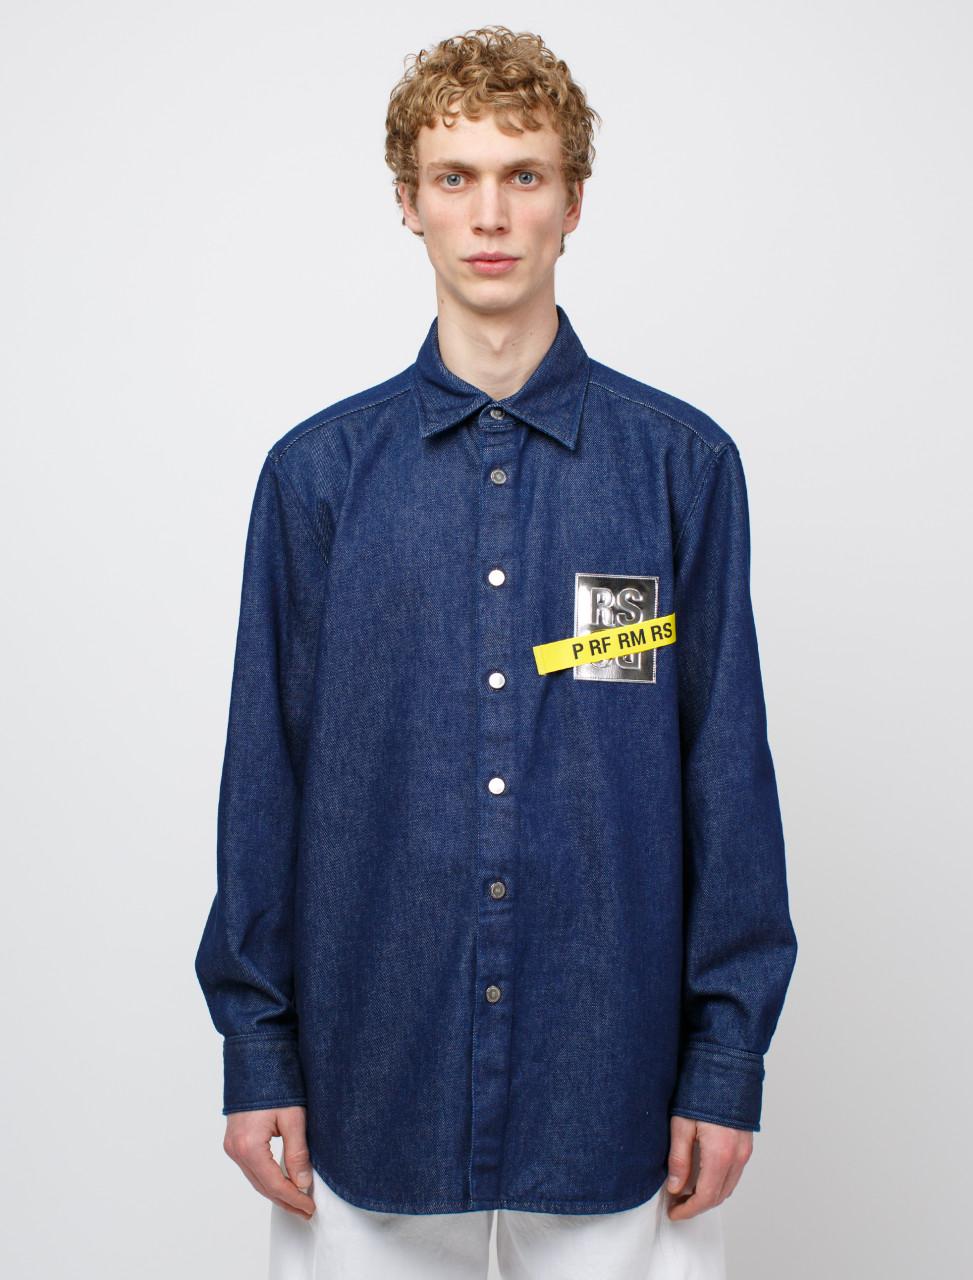 Carry Over Denim Shirt